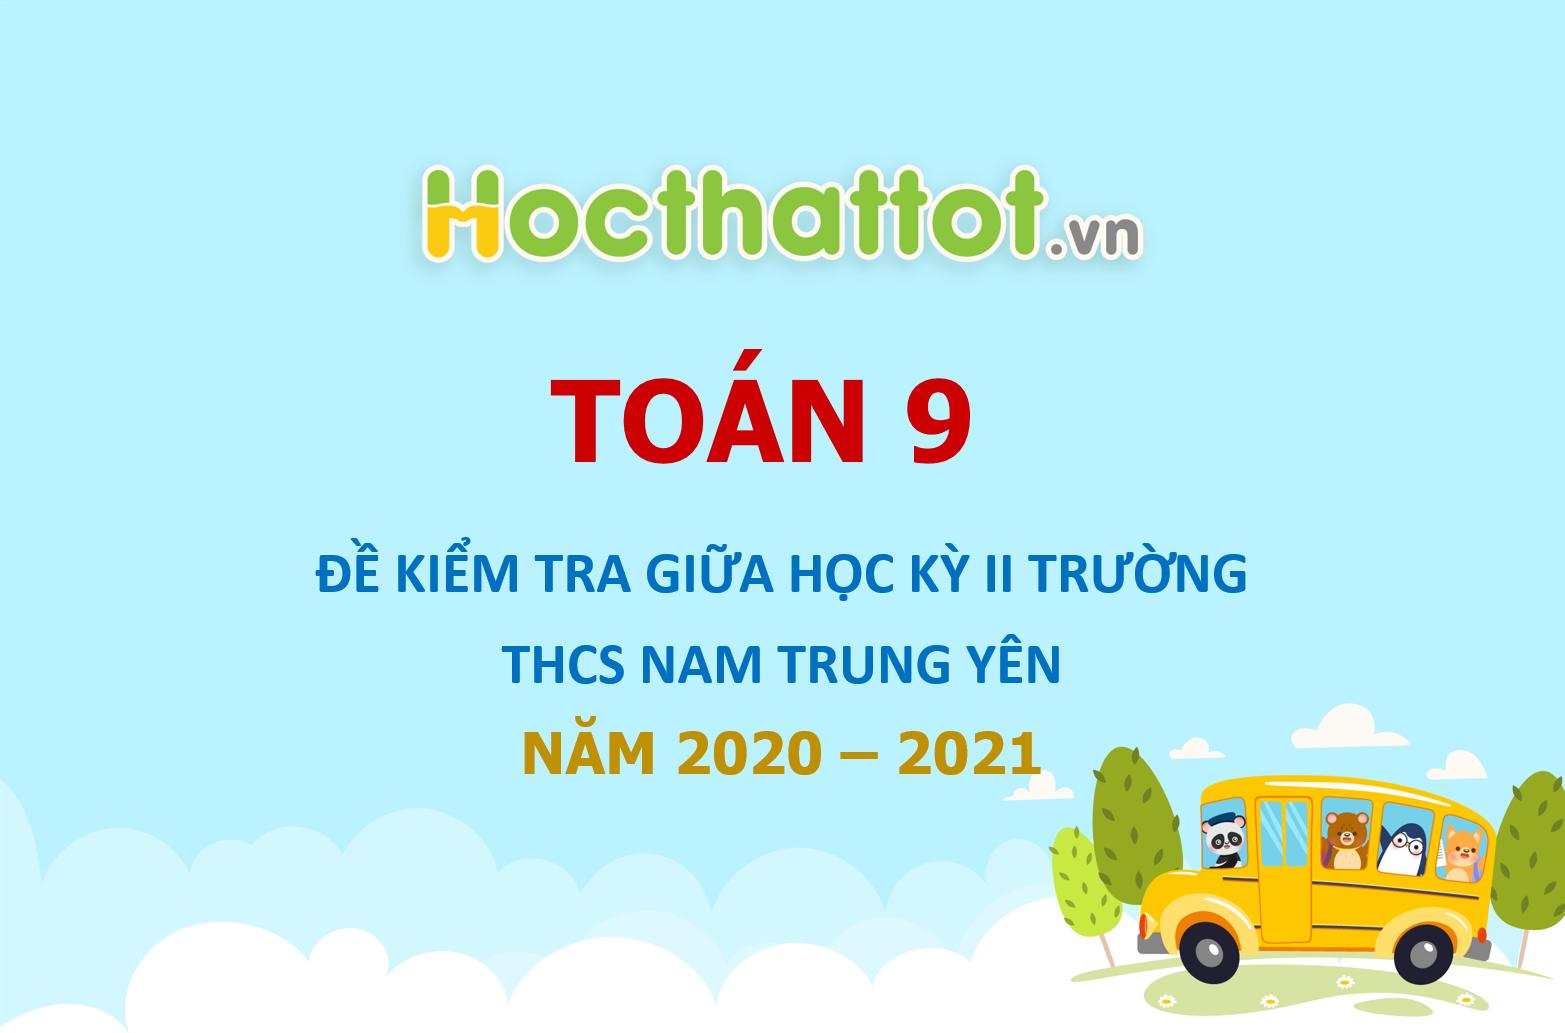 de-kiem-tra-giua-ki-2-toan-9-nam-2020-2021-truong-nam-trung-yen-ha-noi